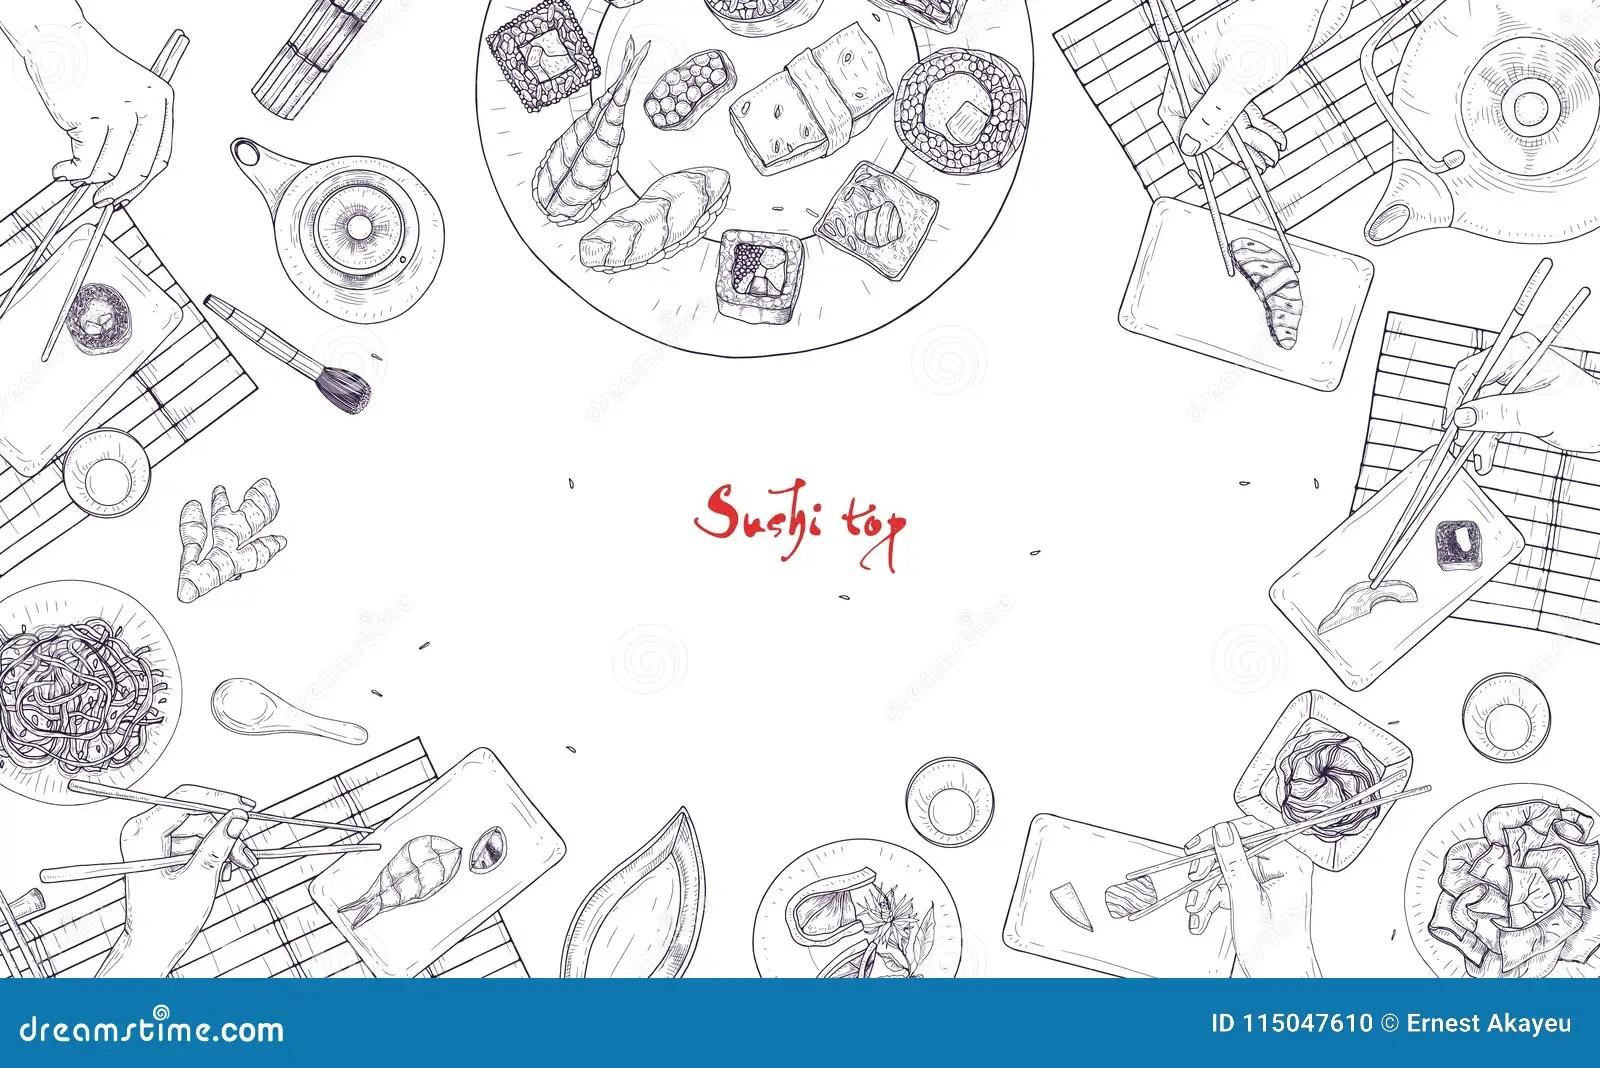 Japanese Sushi Stock Illustrations 9 682 Japanese Sushi